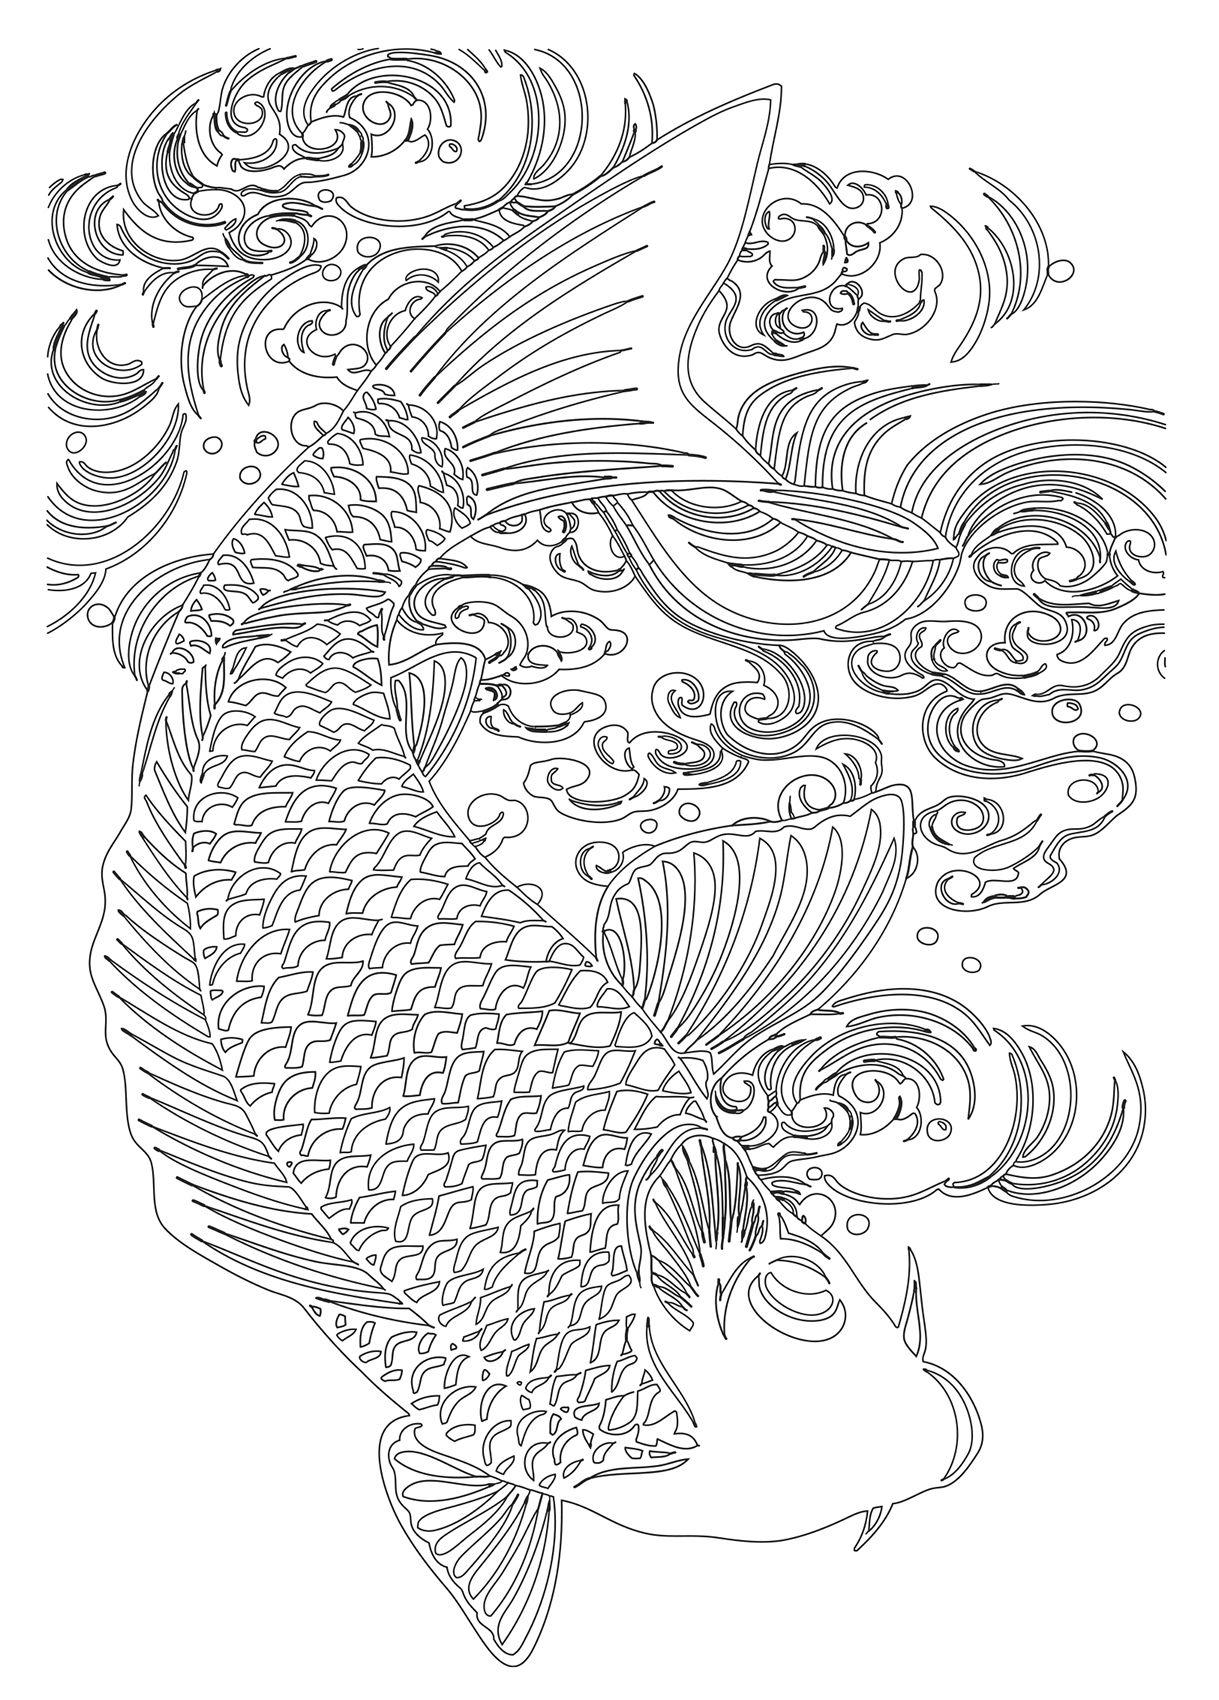 Tatouage Poisson Koi à Colorier Tatoos Coloriage Colorier Et Koï